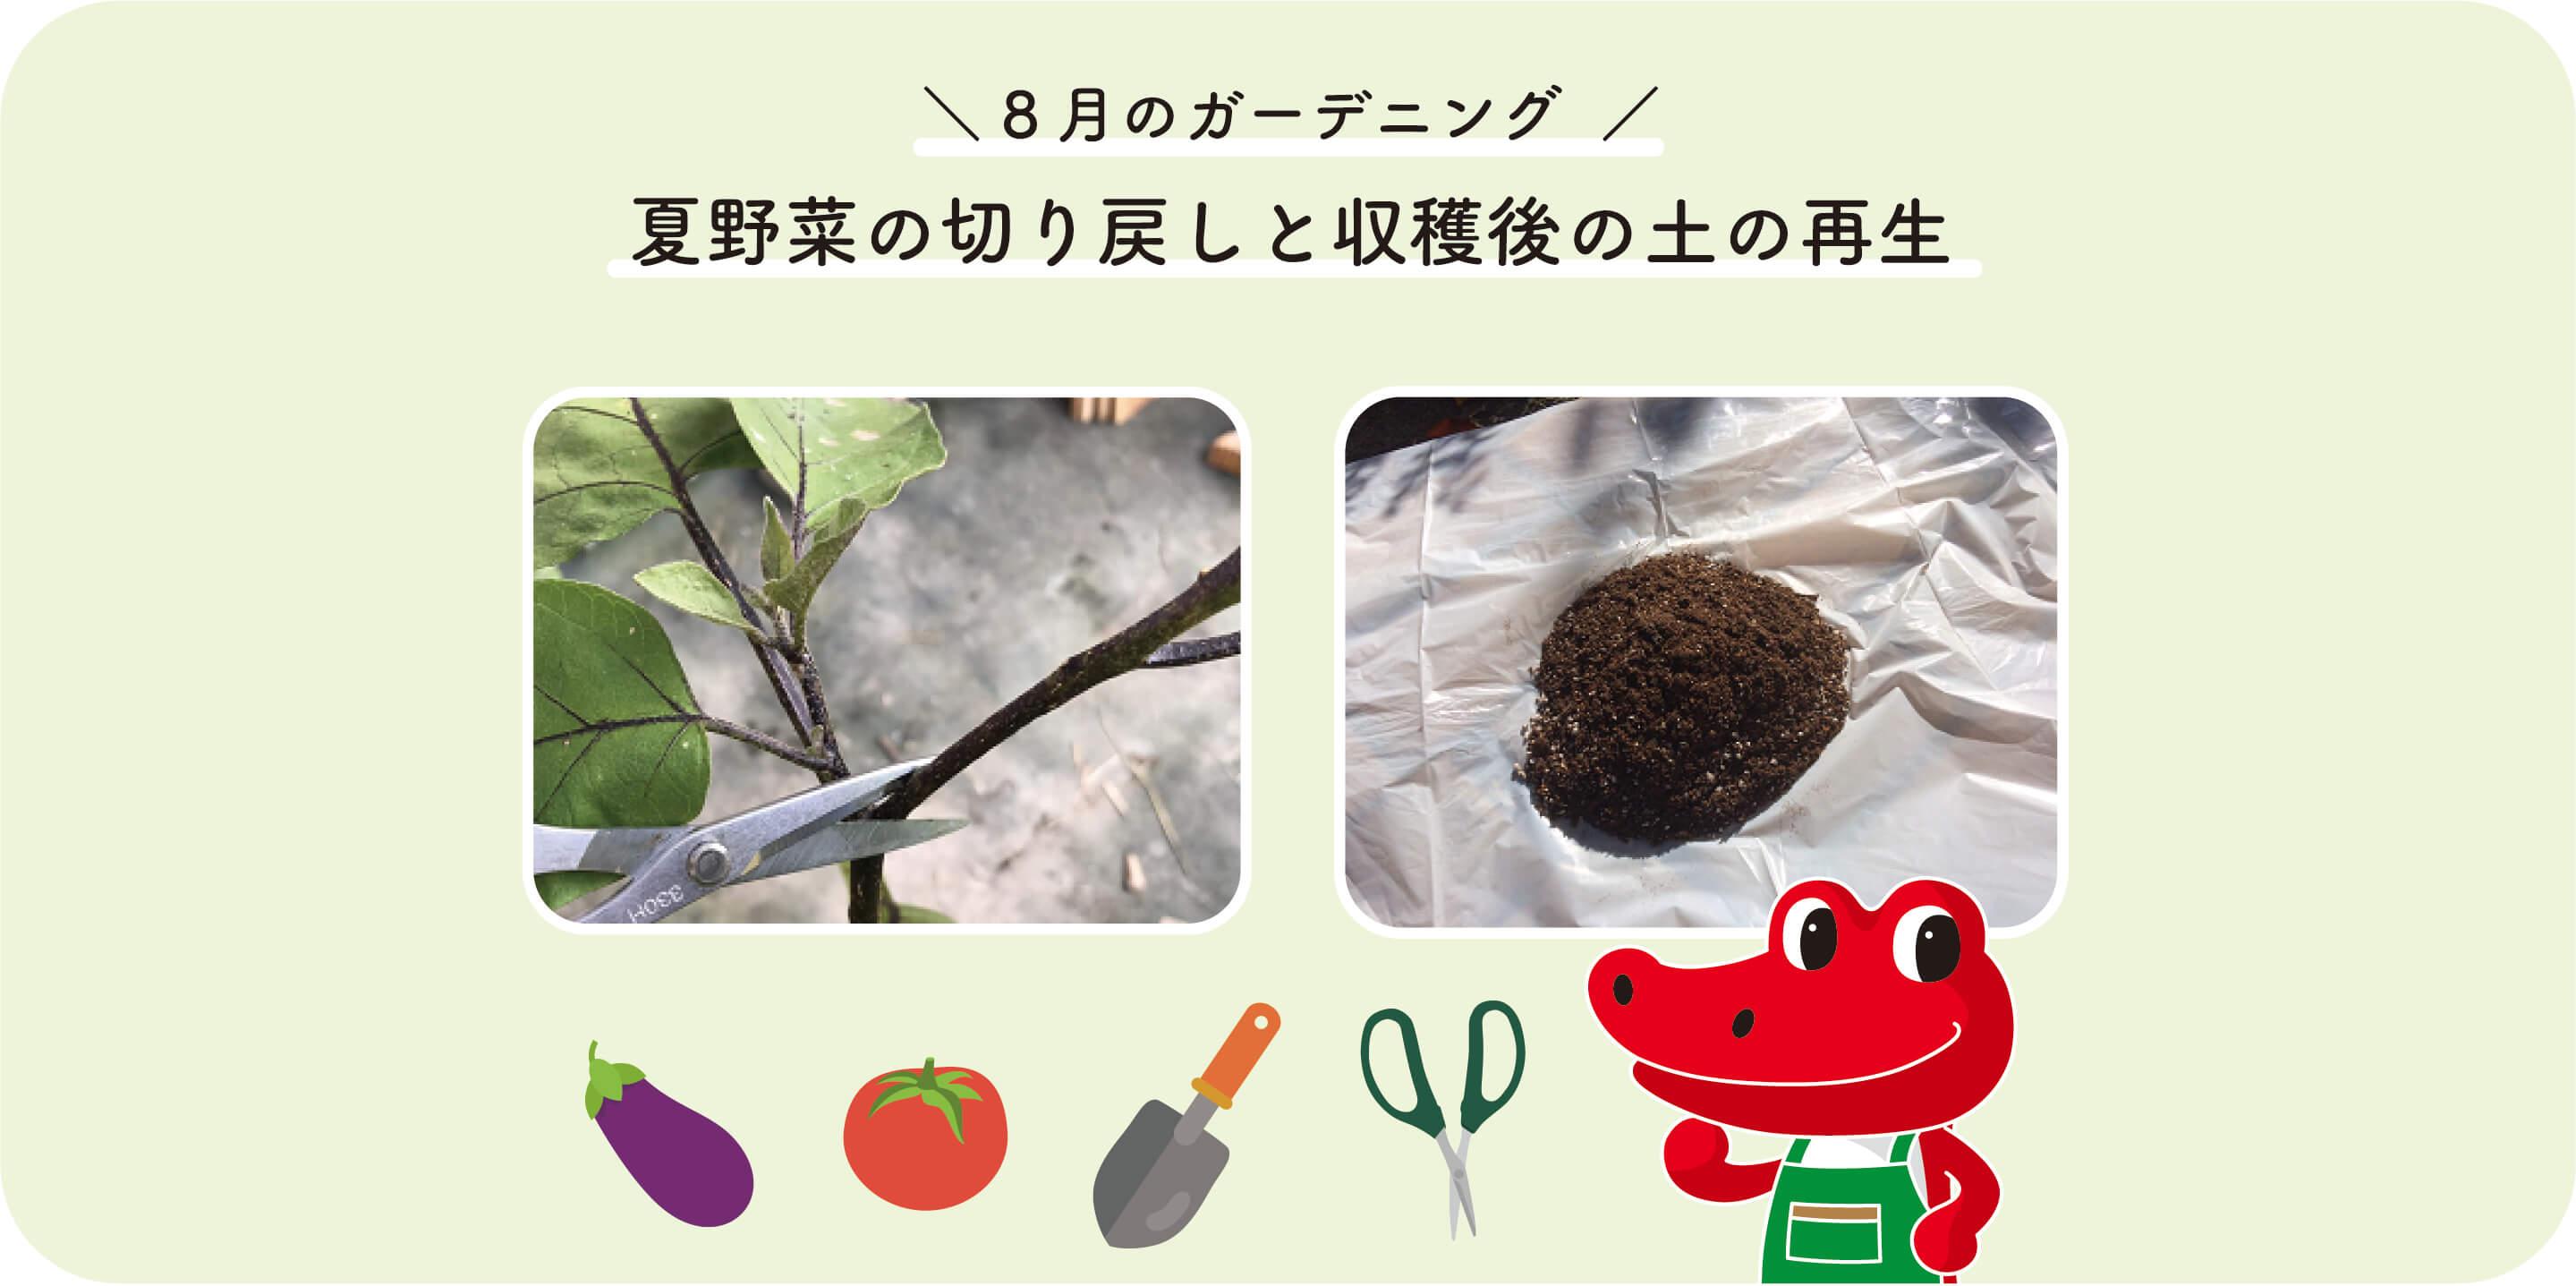 夏野菜の切り戻しと収穫後の土の再生